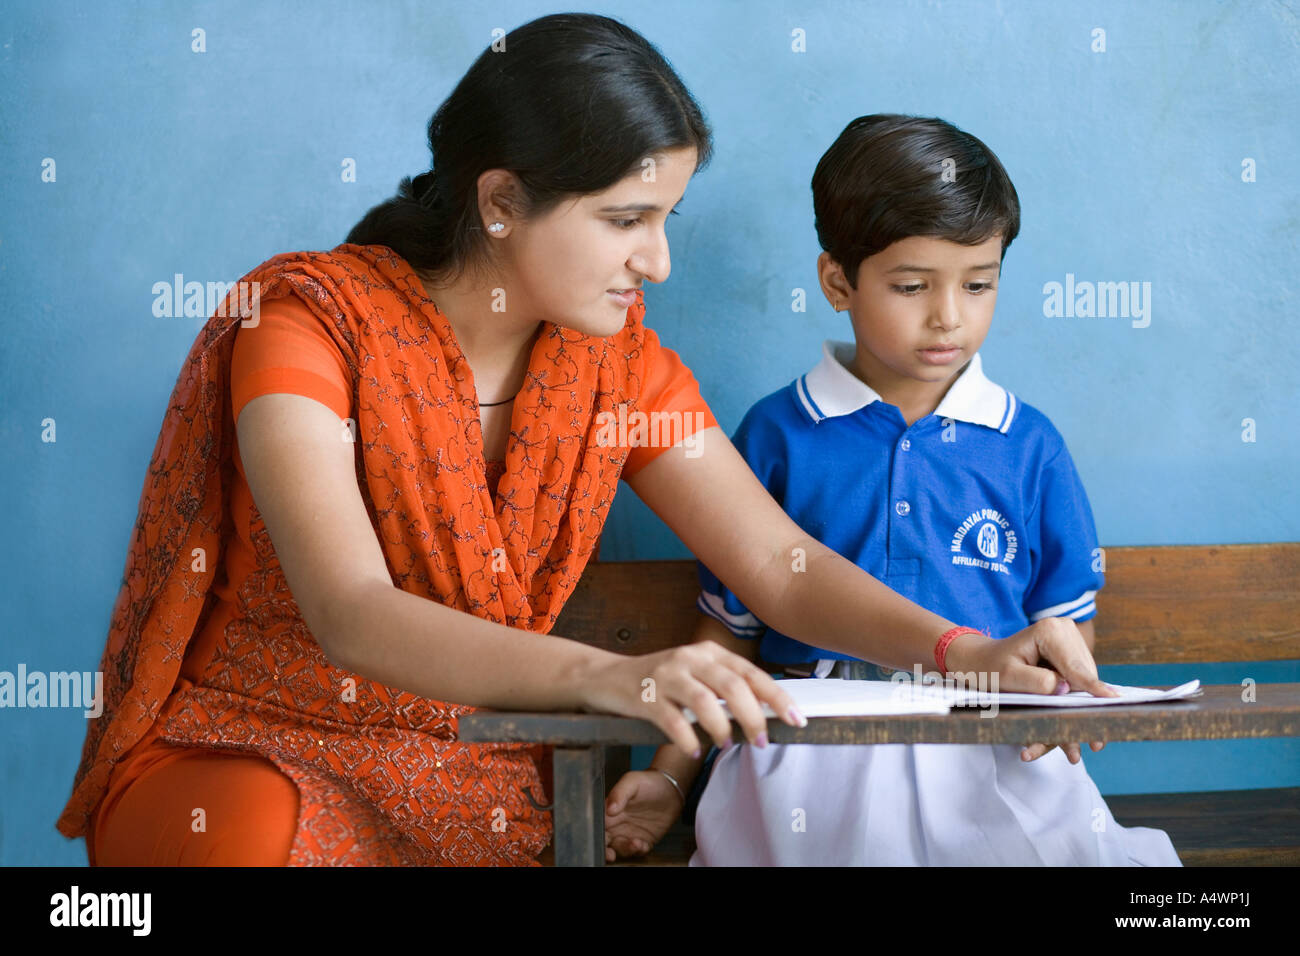 Ayudar a los alumnos, docentes Imagen De Stock